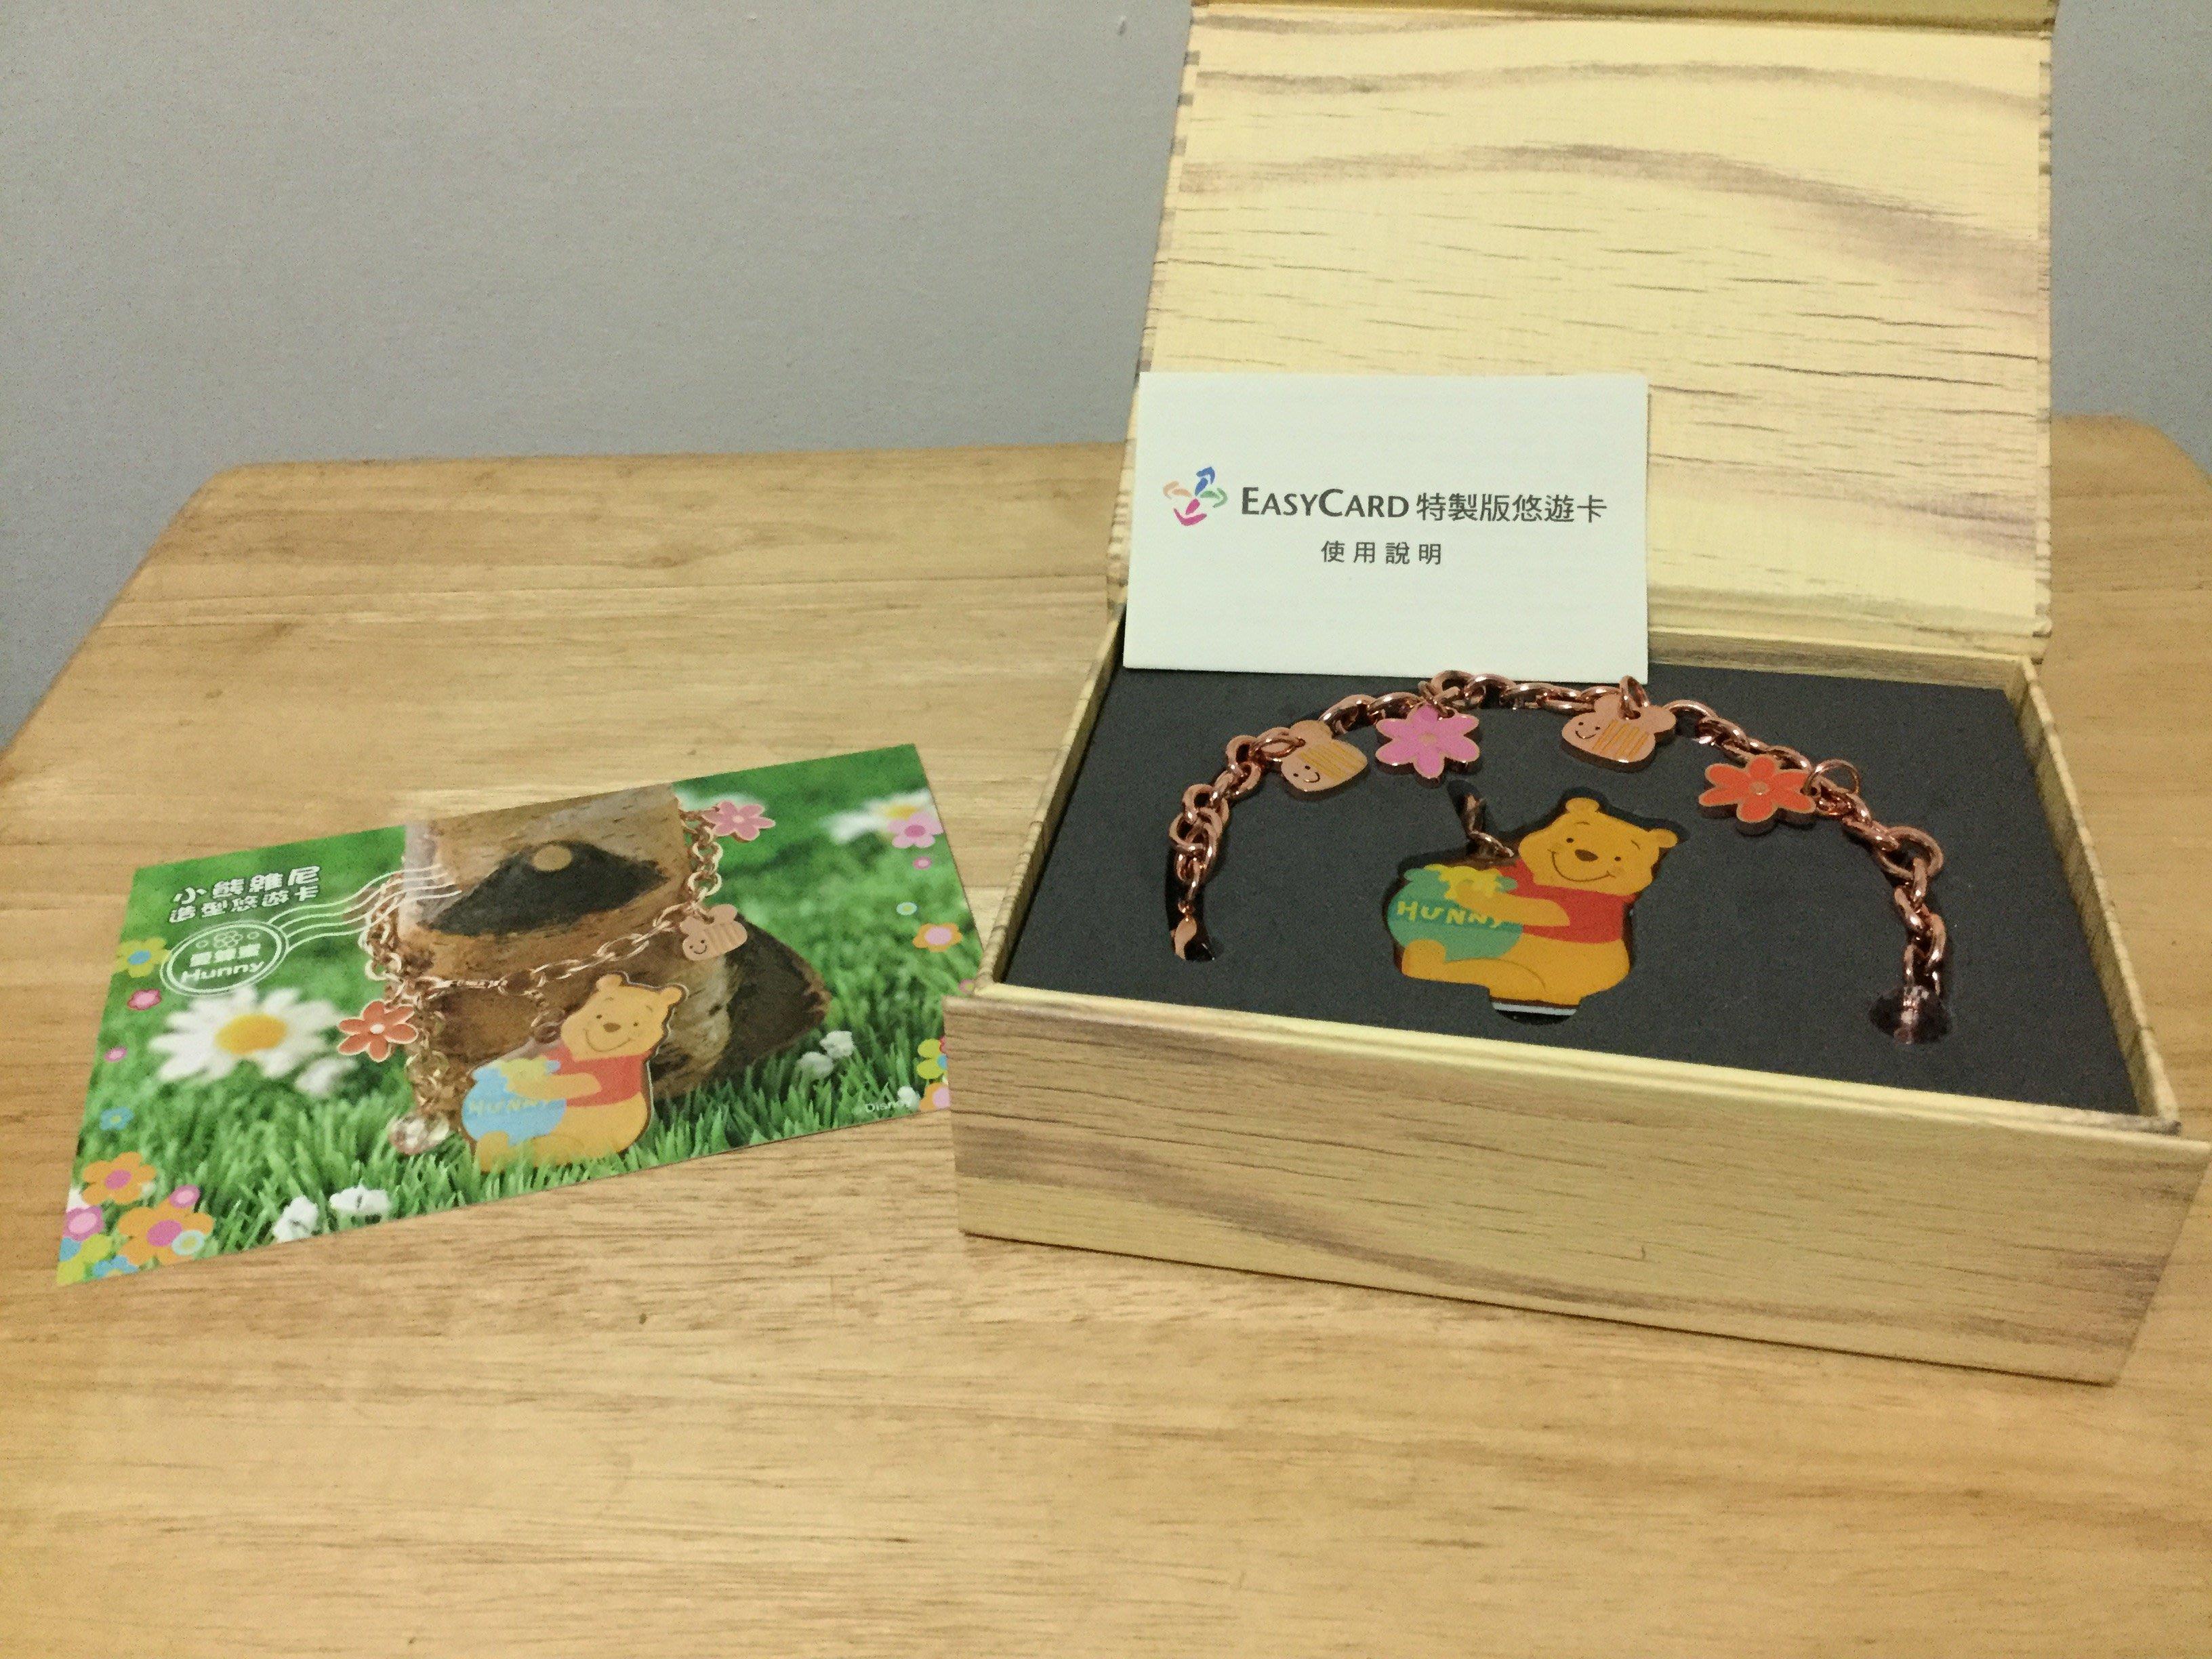 小熊維尼造型悠遊卡 愛蜂蜜HUNNY版